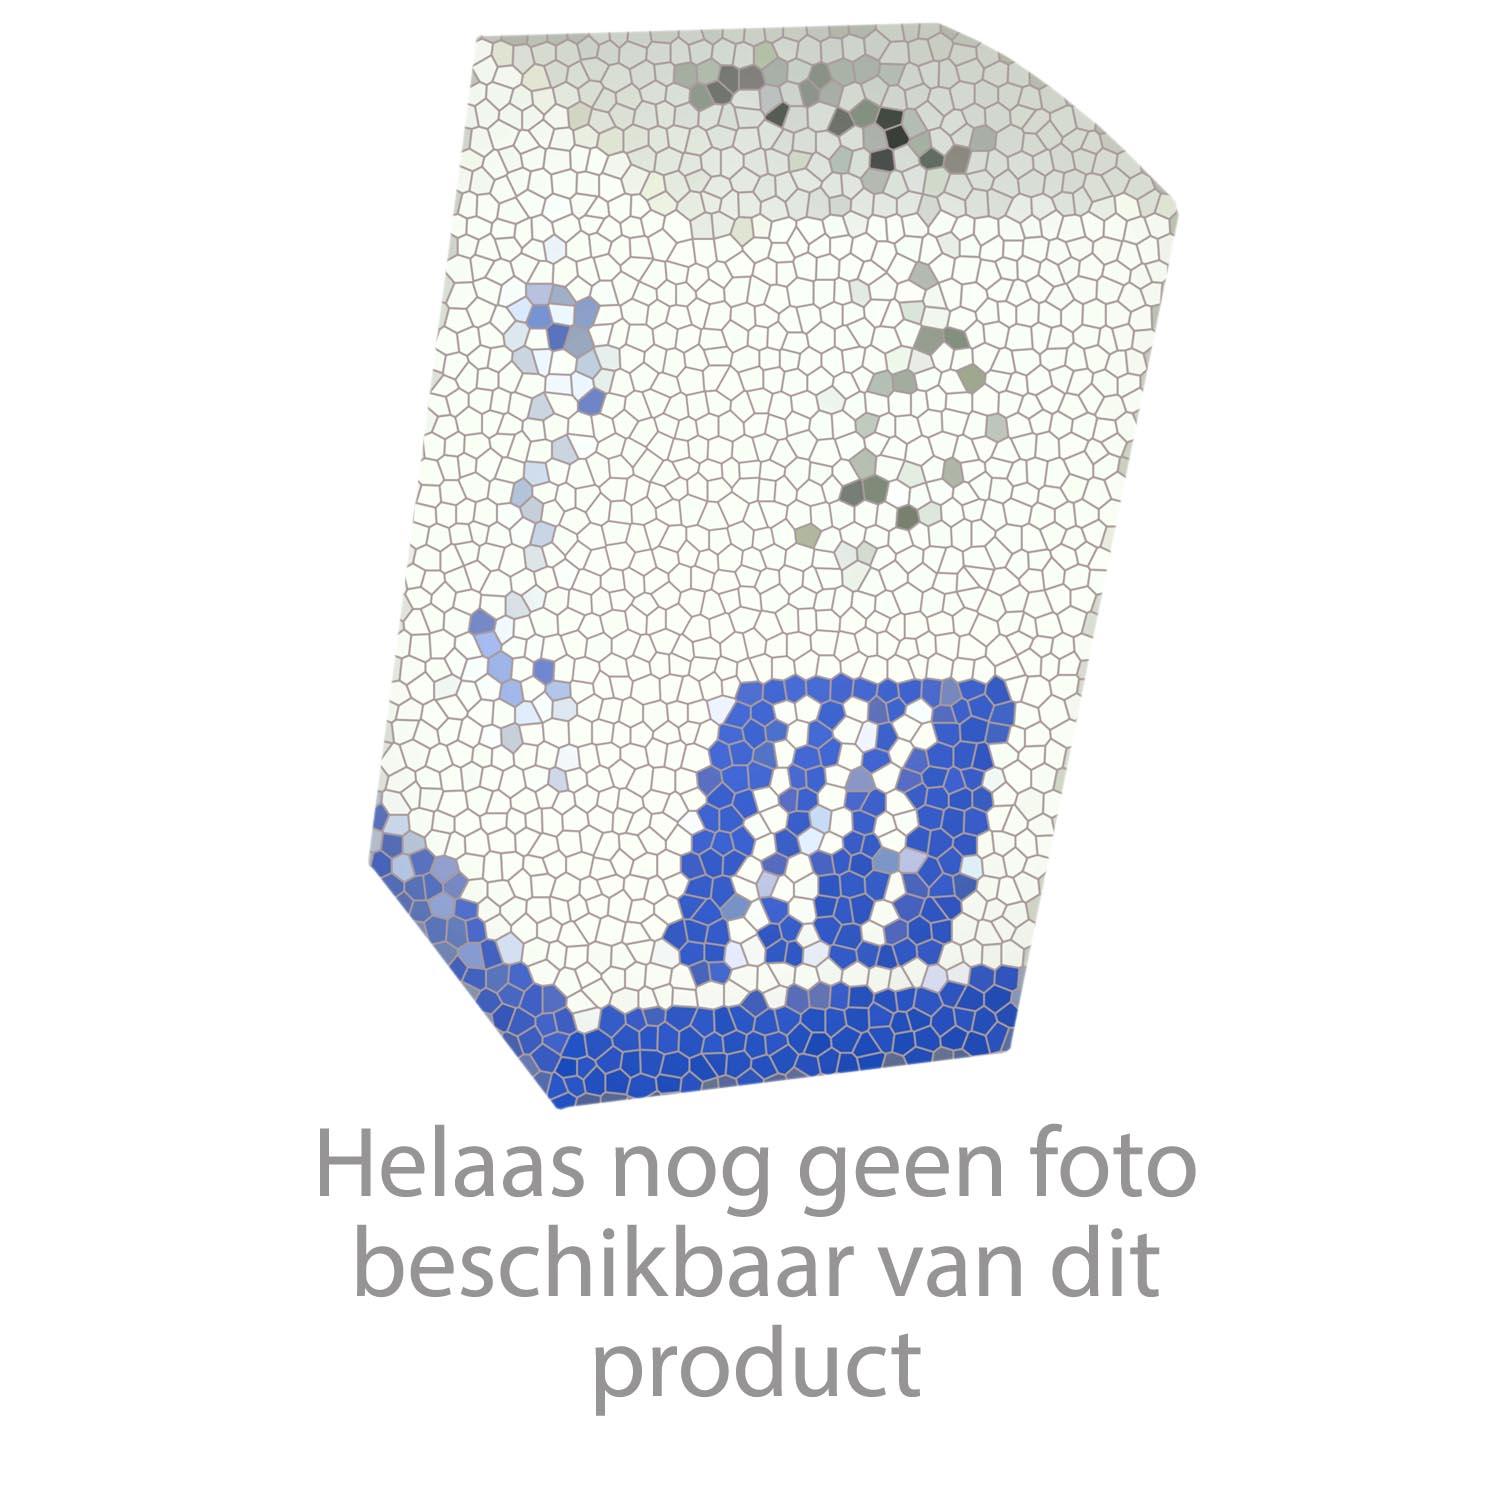 Aparte Glazenspoeler inclusief druipblad tbv standaard horeca spoelbak van 40x40cm